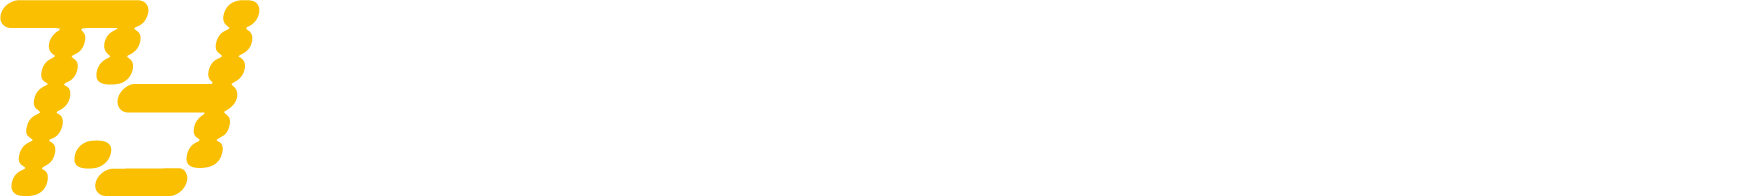 Trust Y's Production Co,Ltd.